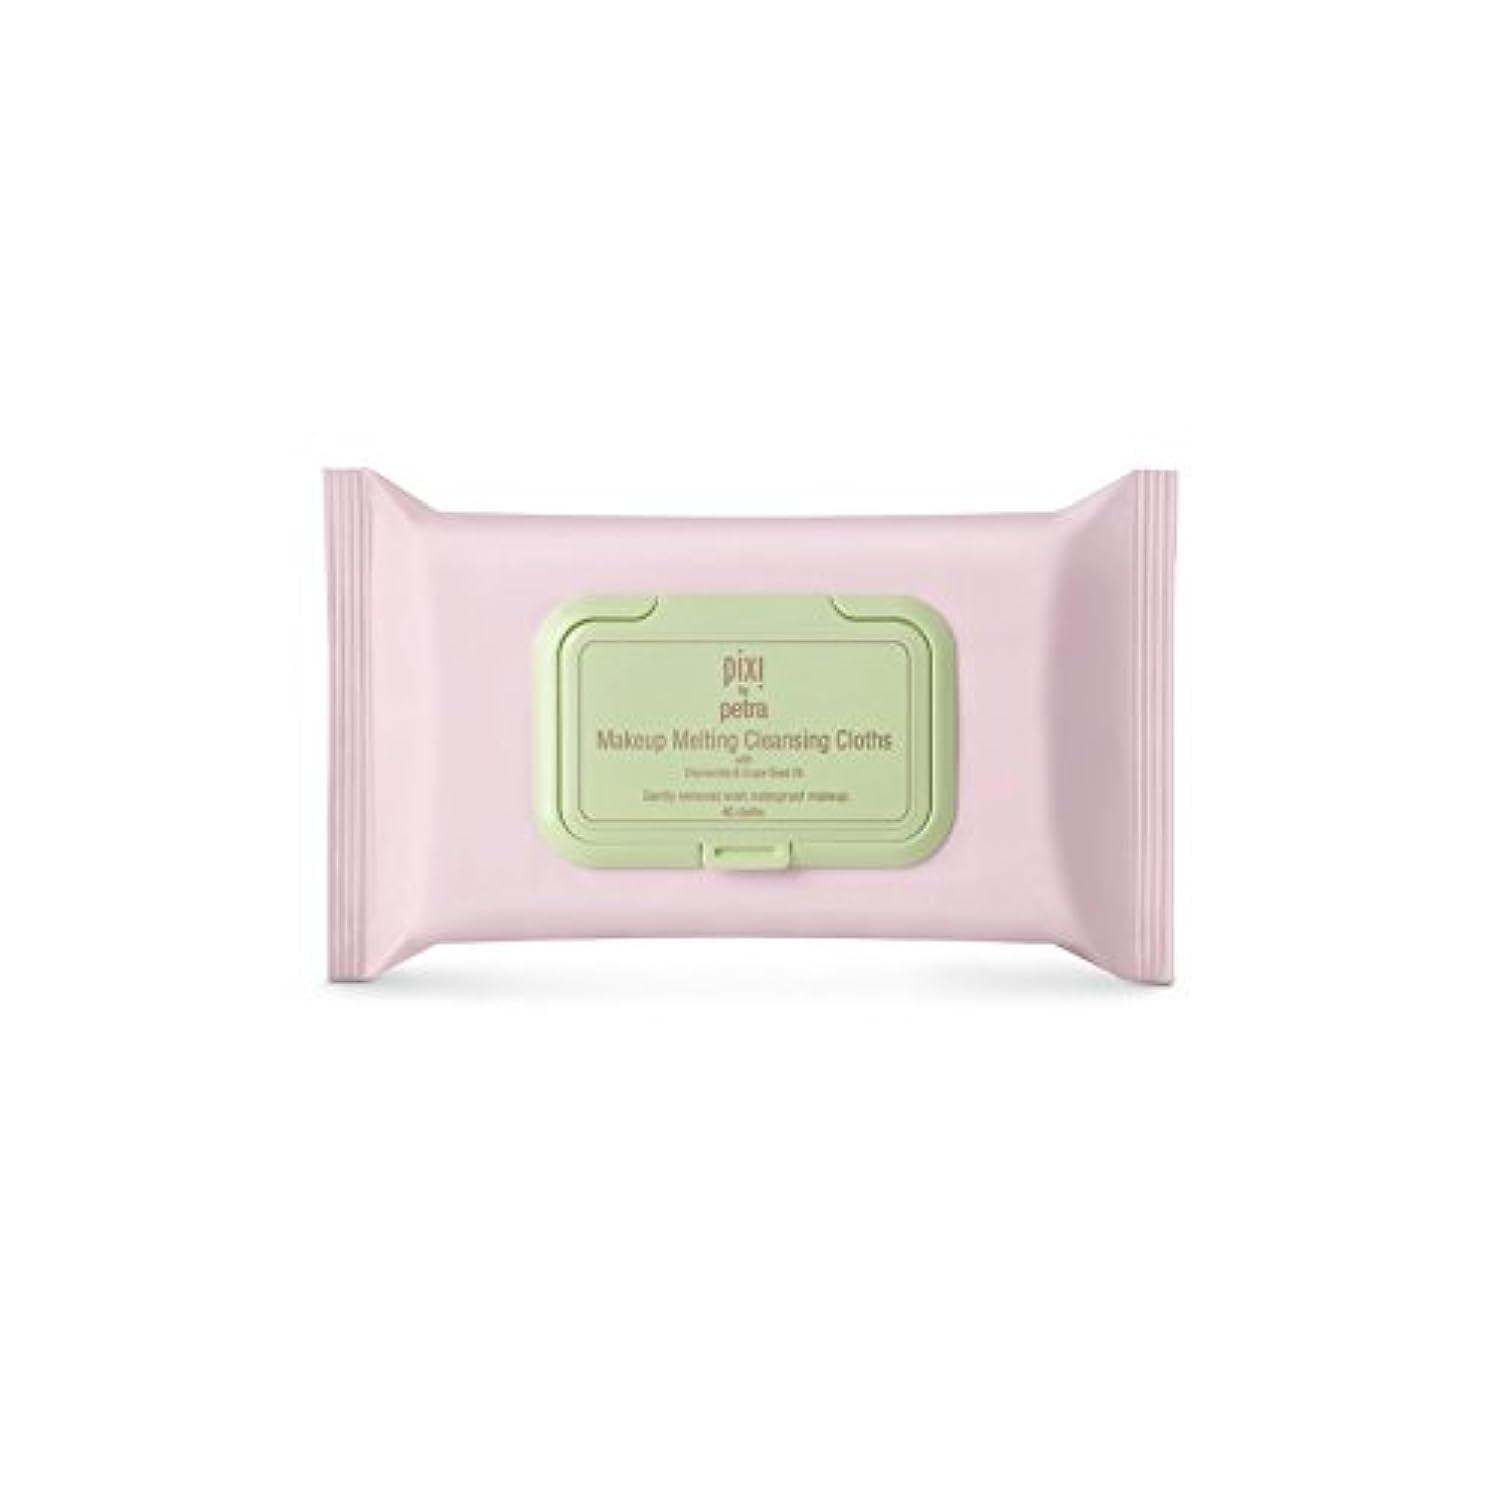 時刻表変換するマルコポーロPixi Makeup Melting Cleansing Cloths (Pack of 6) - 化粧溶融クレンジングクロス x6 [並行輸入品]